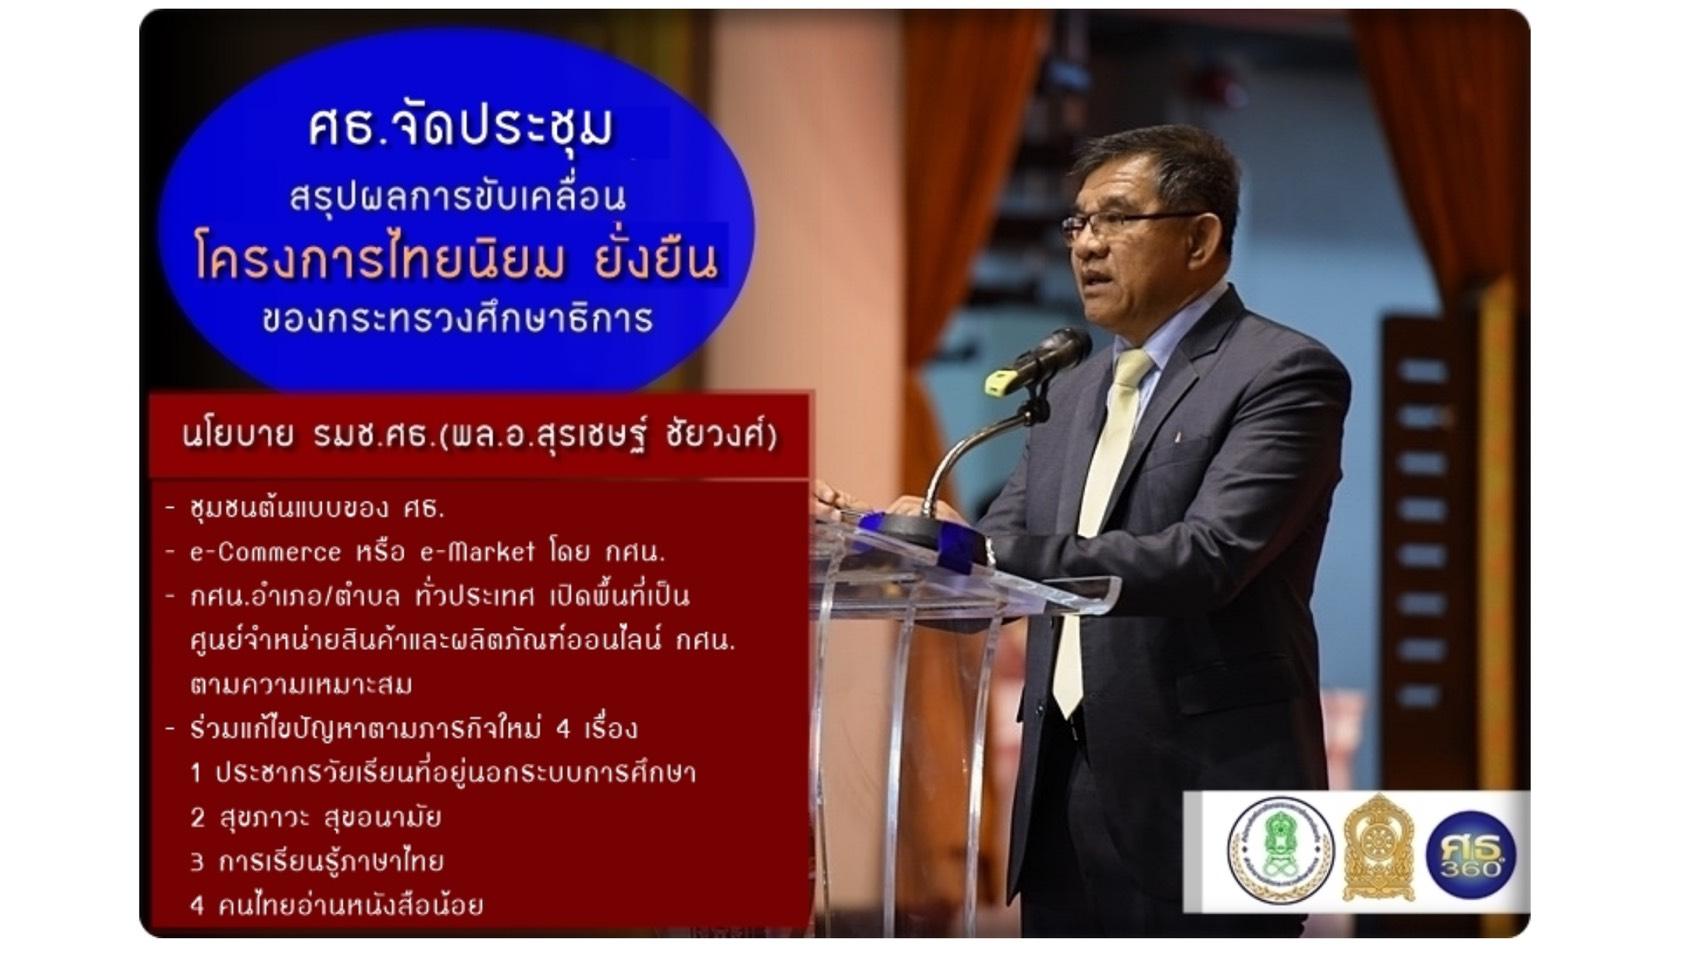 ประชุมสรุปผลการขับเคลื่อนโครงการไทยนิยม ยั่งยืน ของกระทรวงศึกษาธิการ